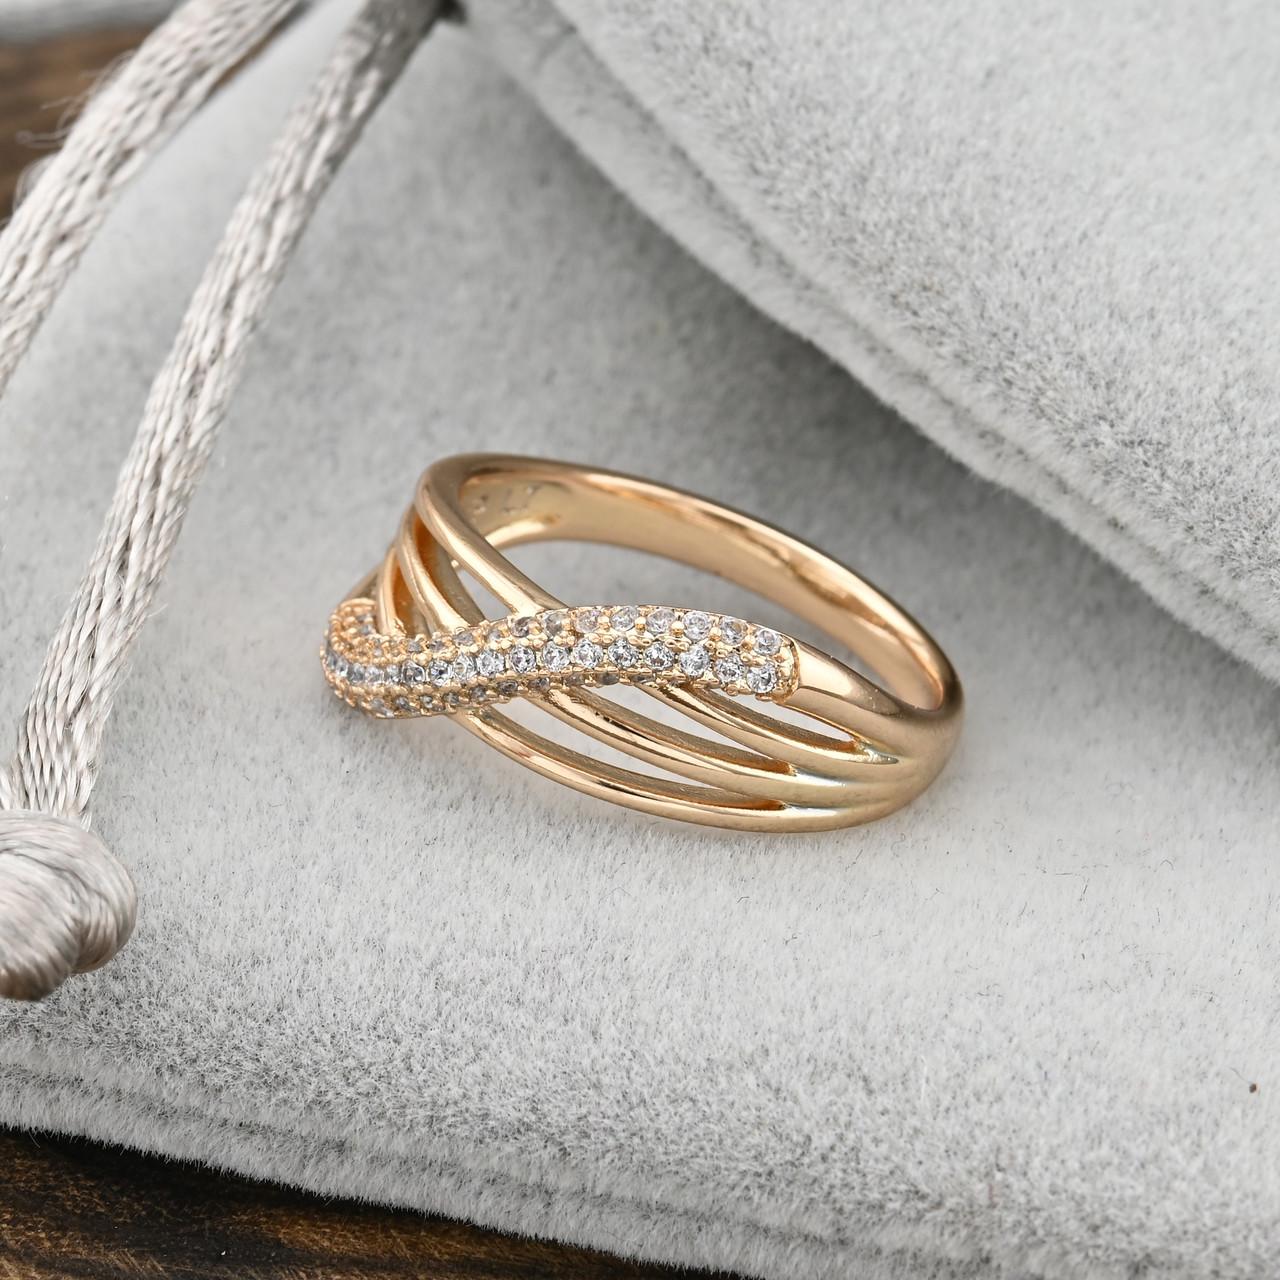 Кольцо Xuping 14818 размер 20 ширина 10 мм вес 2.3 г белые фианиты позолота 18К